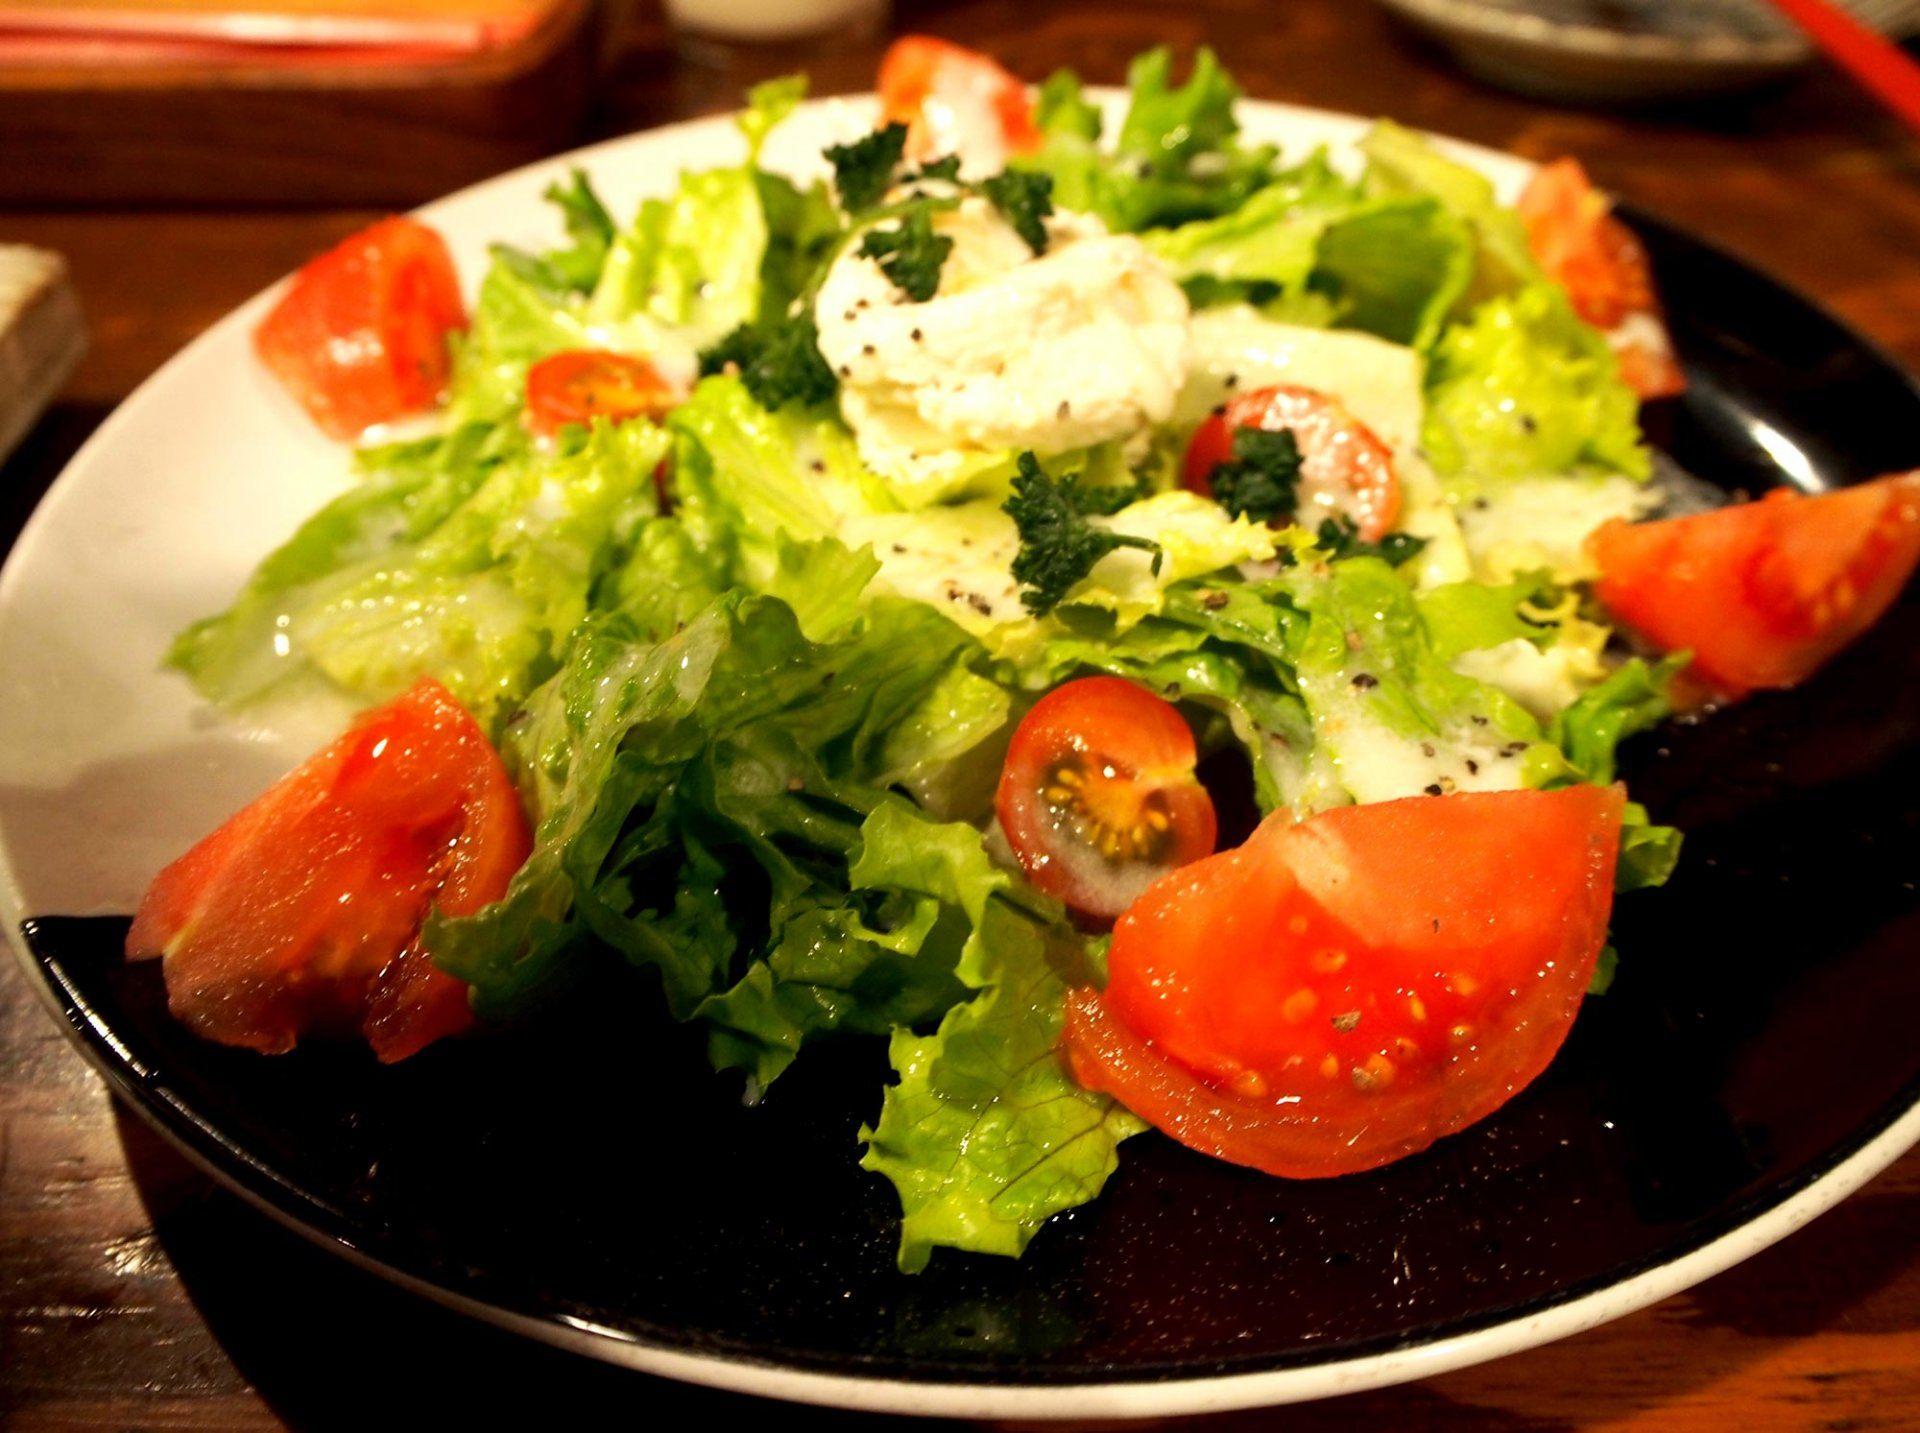 蕃茄雞肉火腿起司沙拉  540日圓